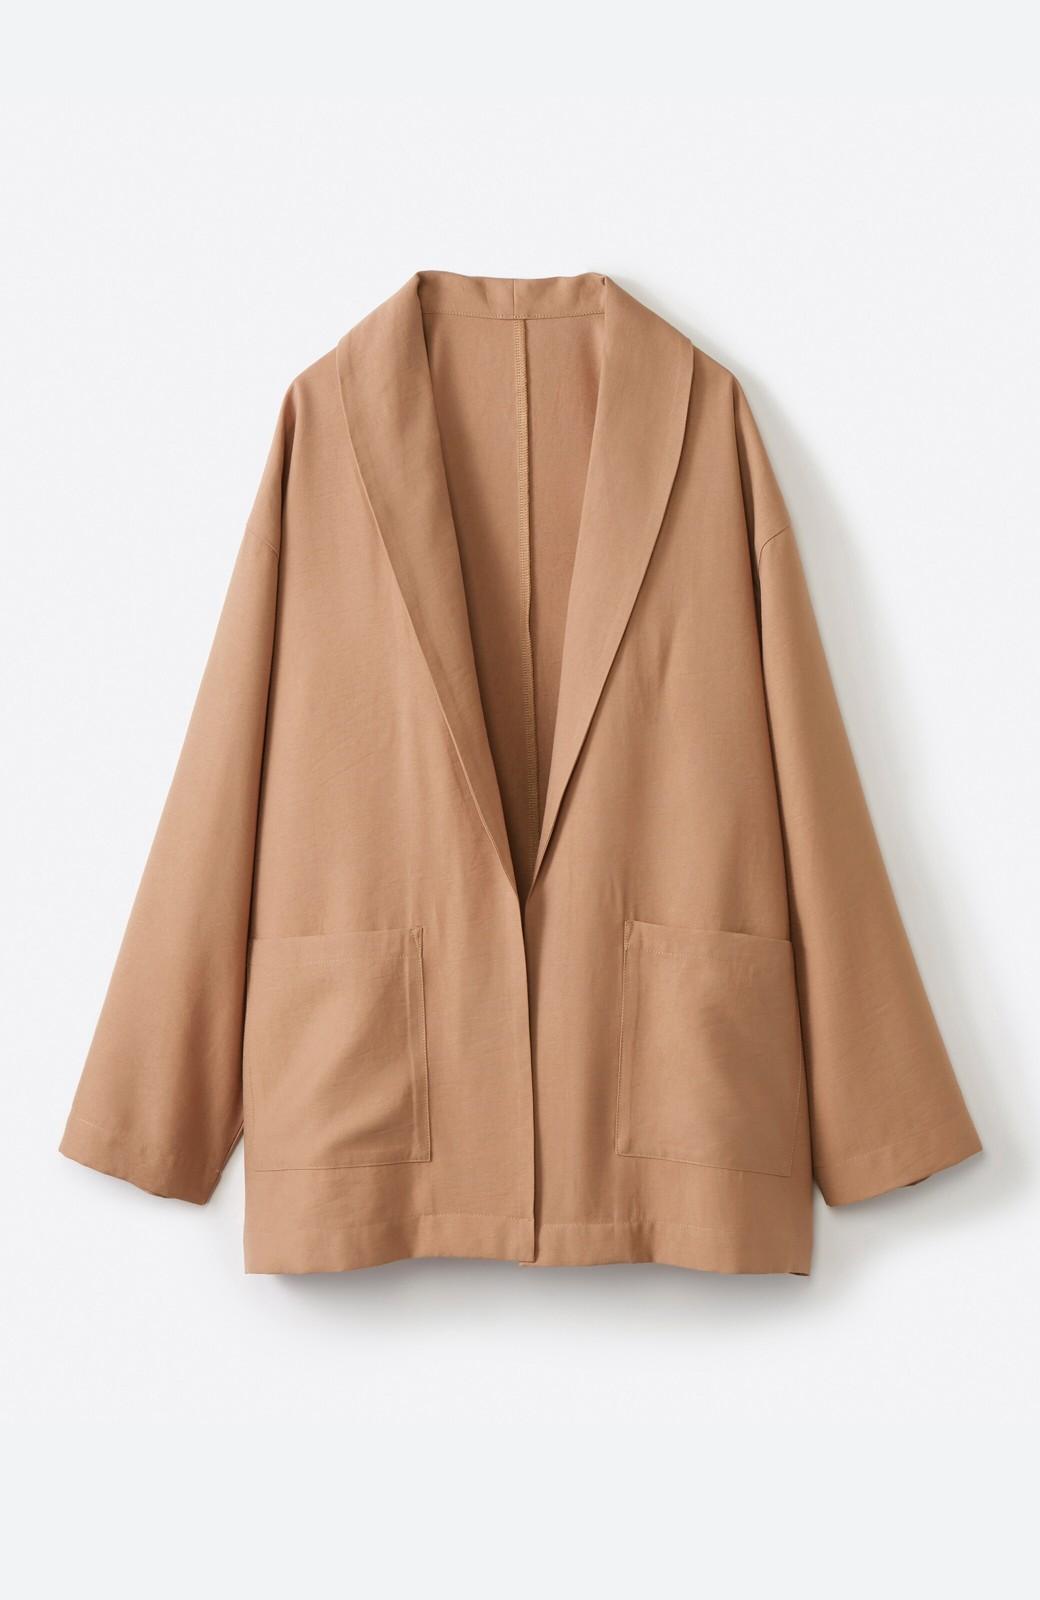 haco! さらりと羽織ってきれい見え カジュアルにも着られてほどよいきちんと感が頼りになるリラックスジャケット <キャメル>の商品写真2